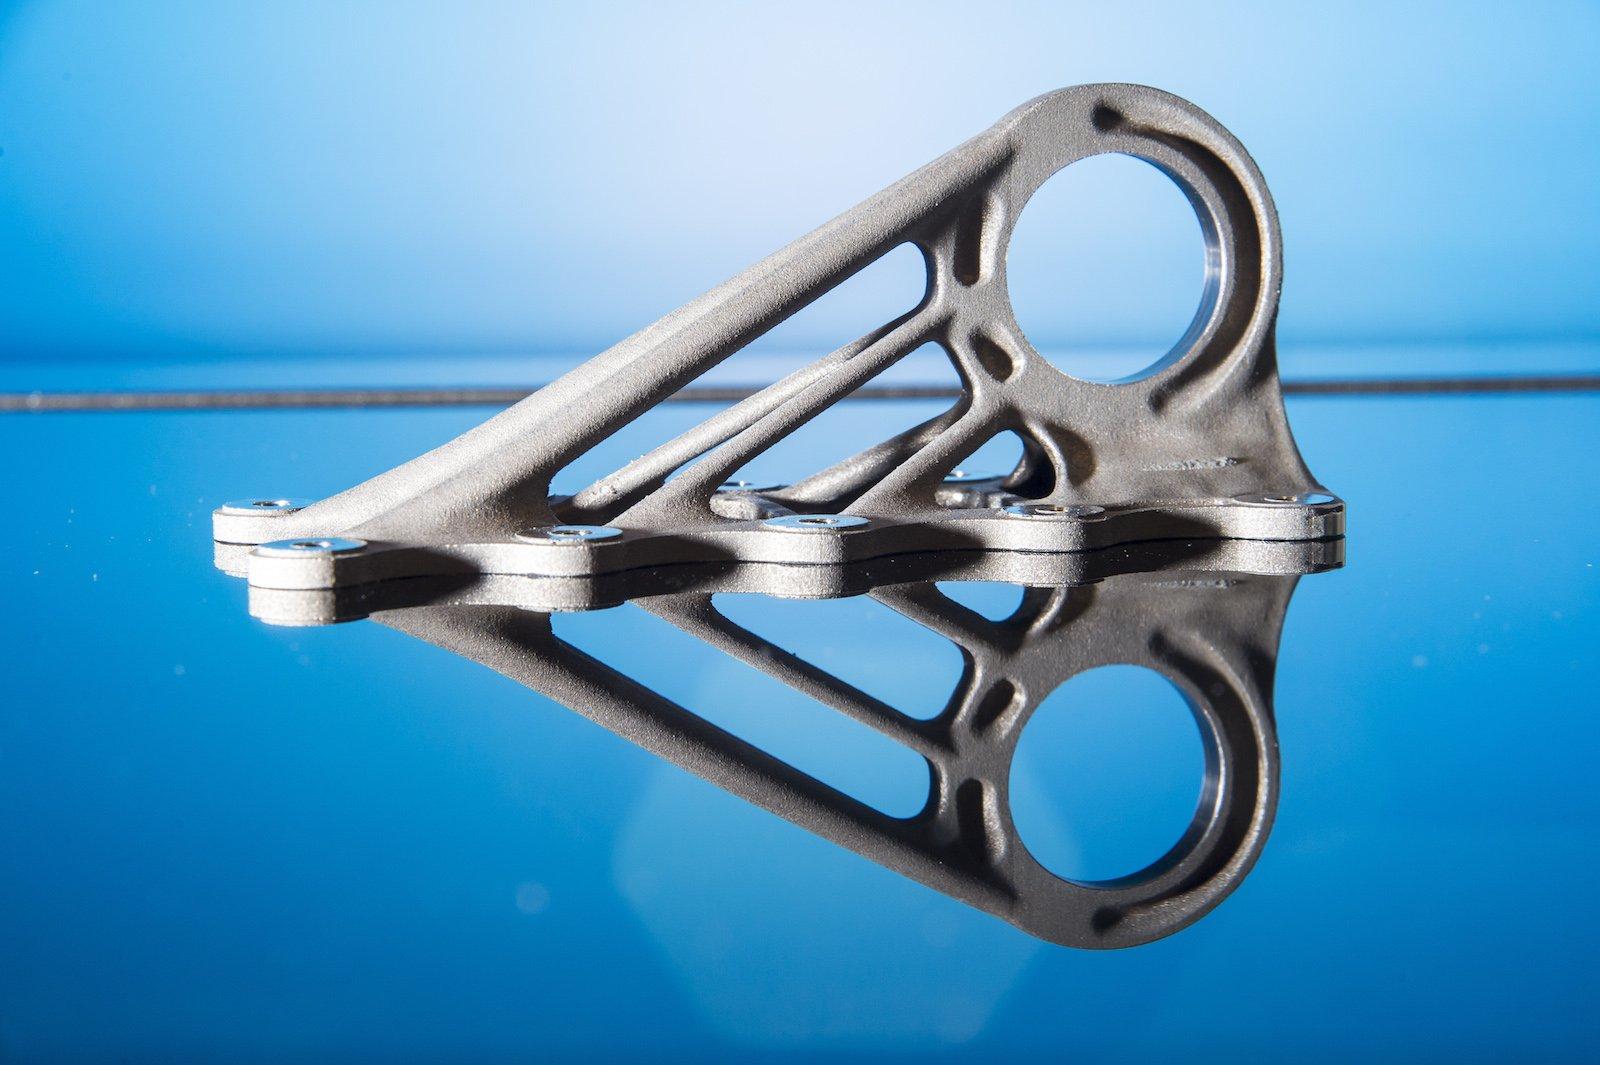 Eine im 3D-Druck hergestellte Klammer für den Flugzeugbau.